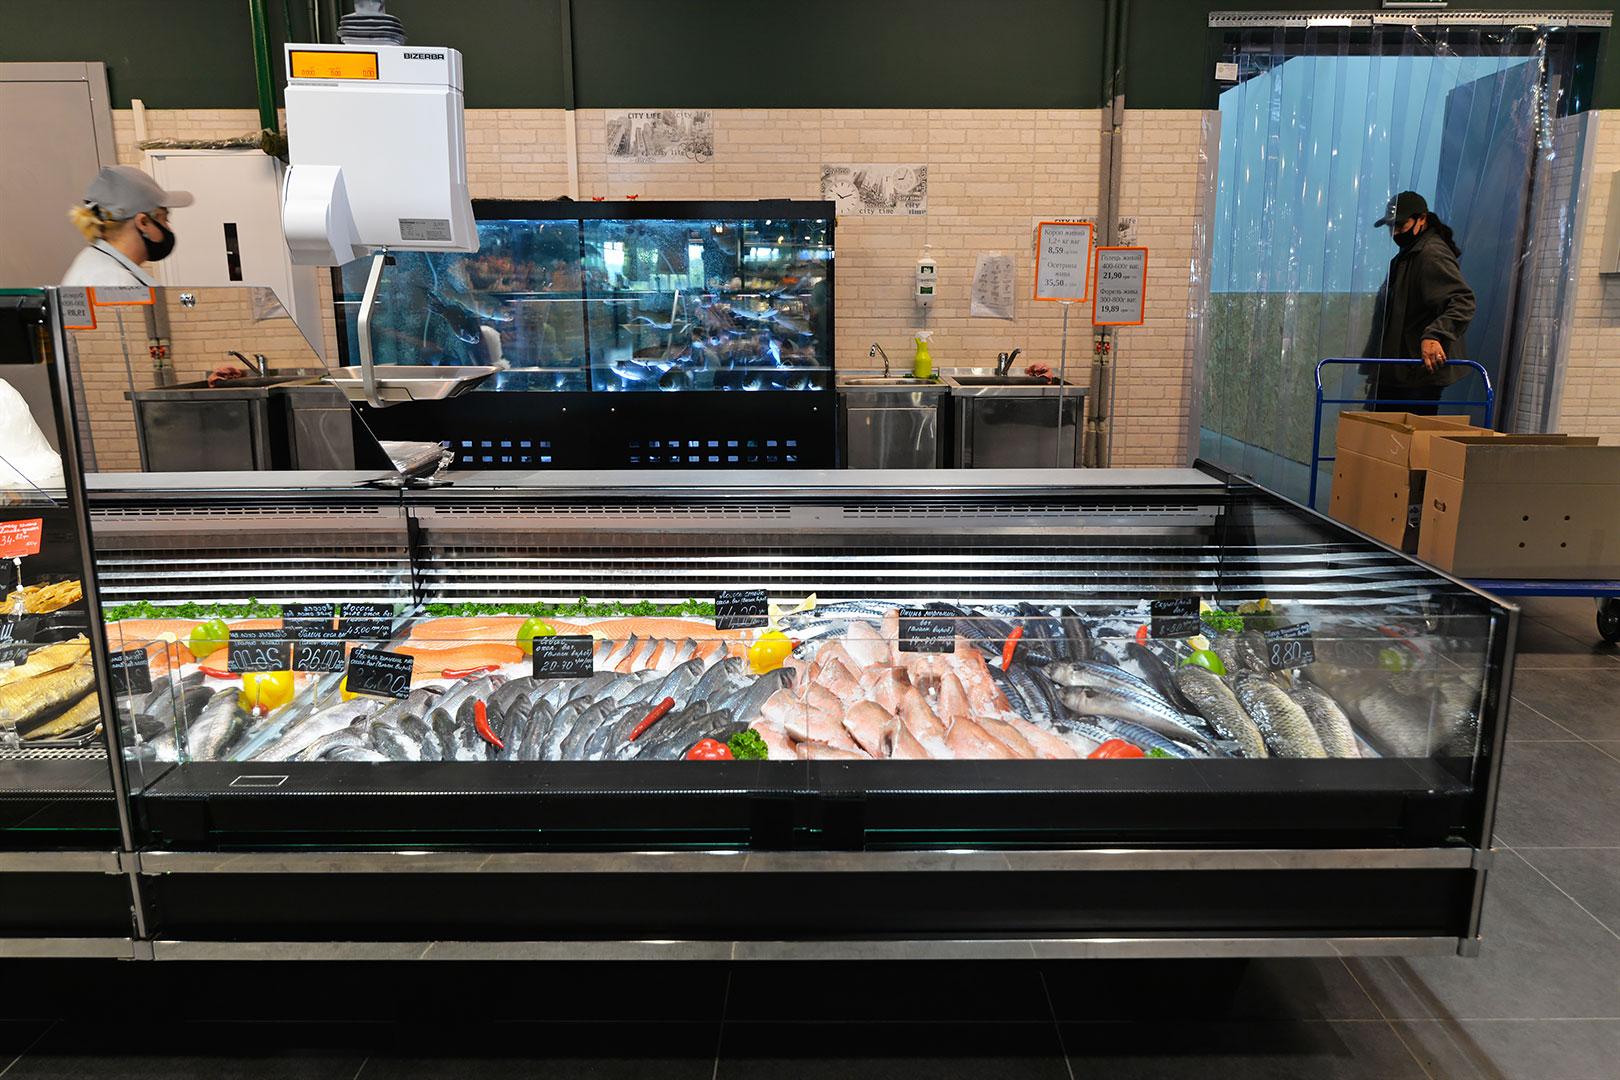 Specjalistyczne witryny dla sprzedaży ryb i owoców morza Missouri cold diamond MC 126 fish self 084-SLM